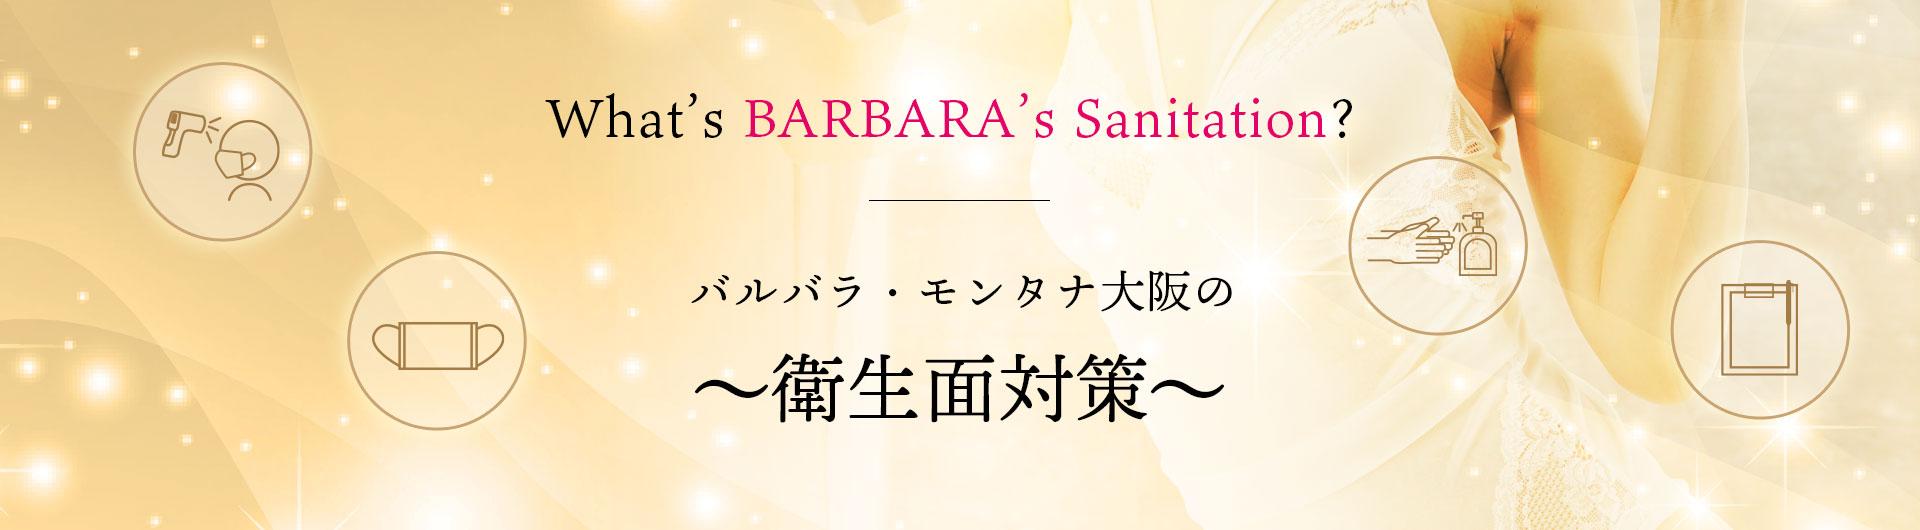 バルバラ ・モンタナ大阪の衛生面対策